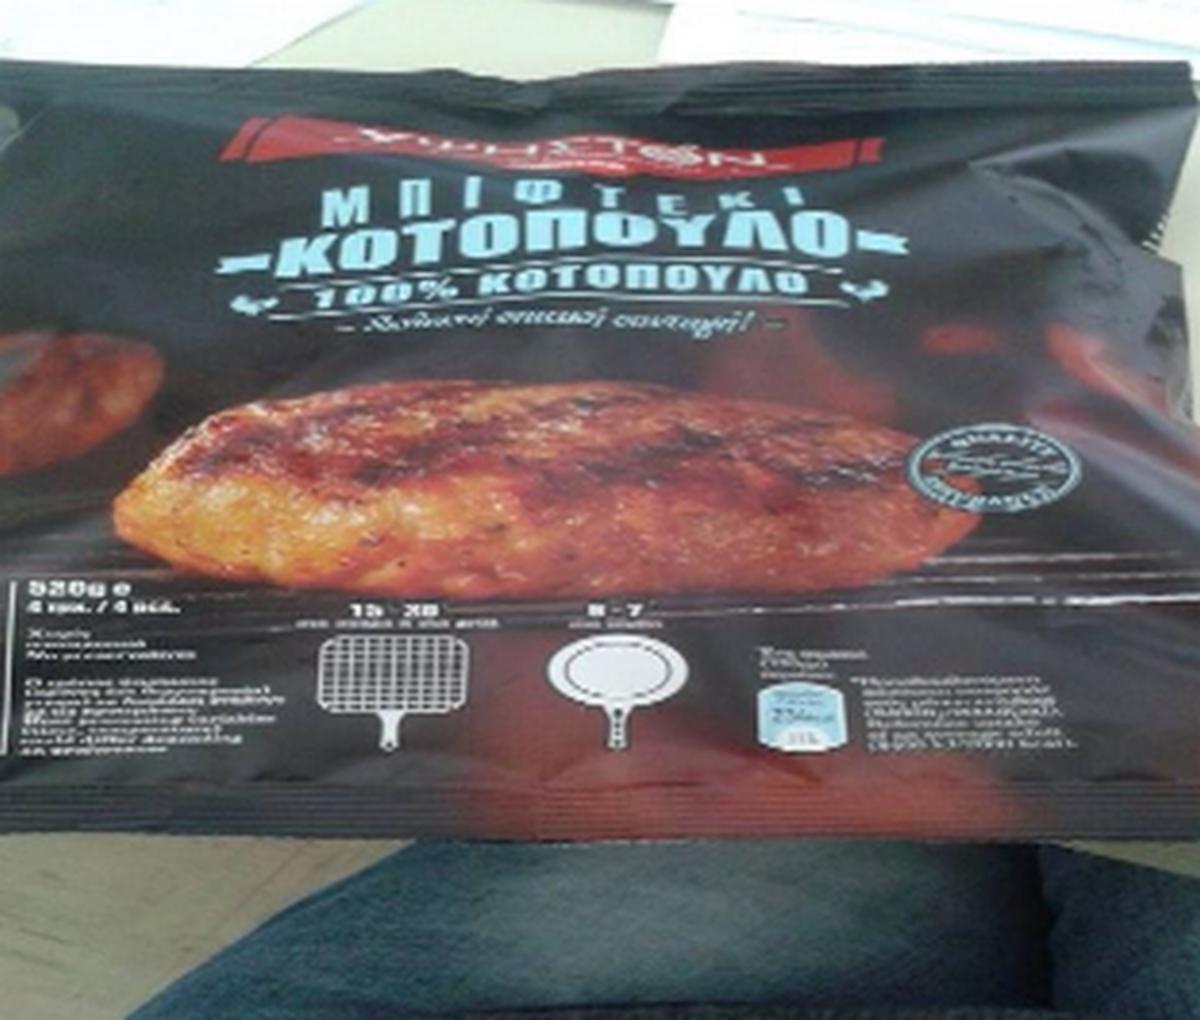 ανακαλείται μπιφτέκι κοτόπουλο